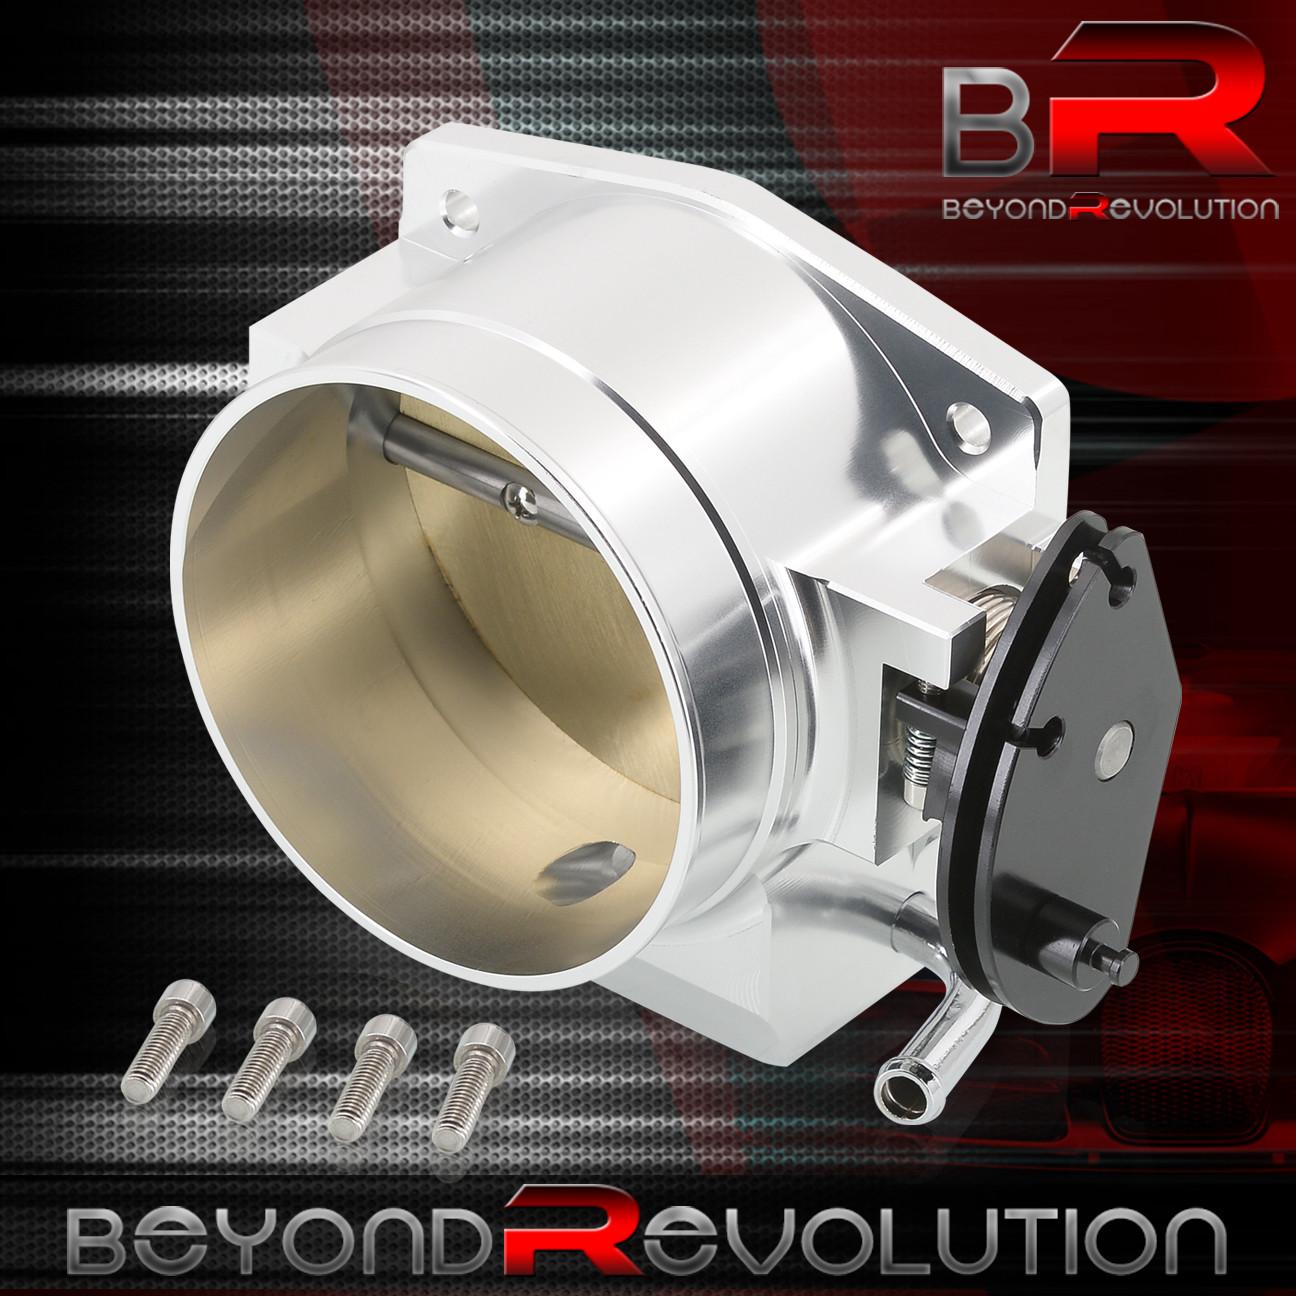 Ls1 Crank Sensor Bolt Size: 102MM BOLTON GM GEN III LS1 LS2 LS3 LS ALUMINUM INTAKE